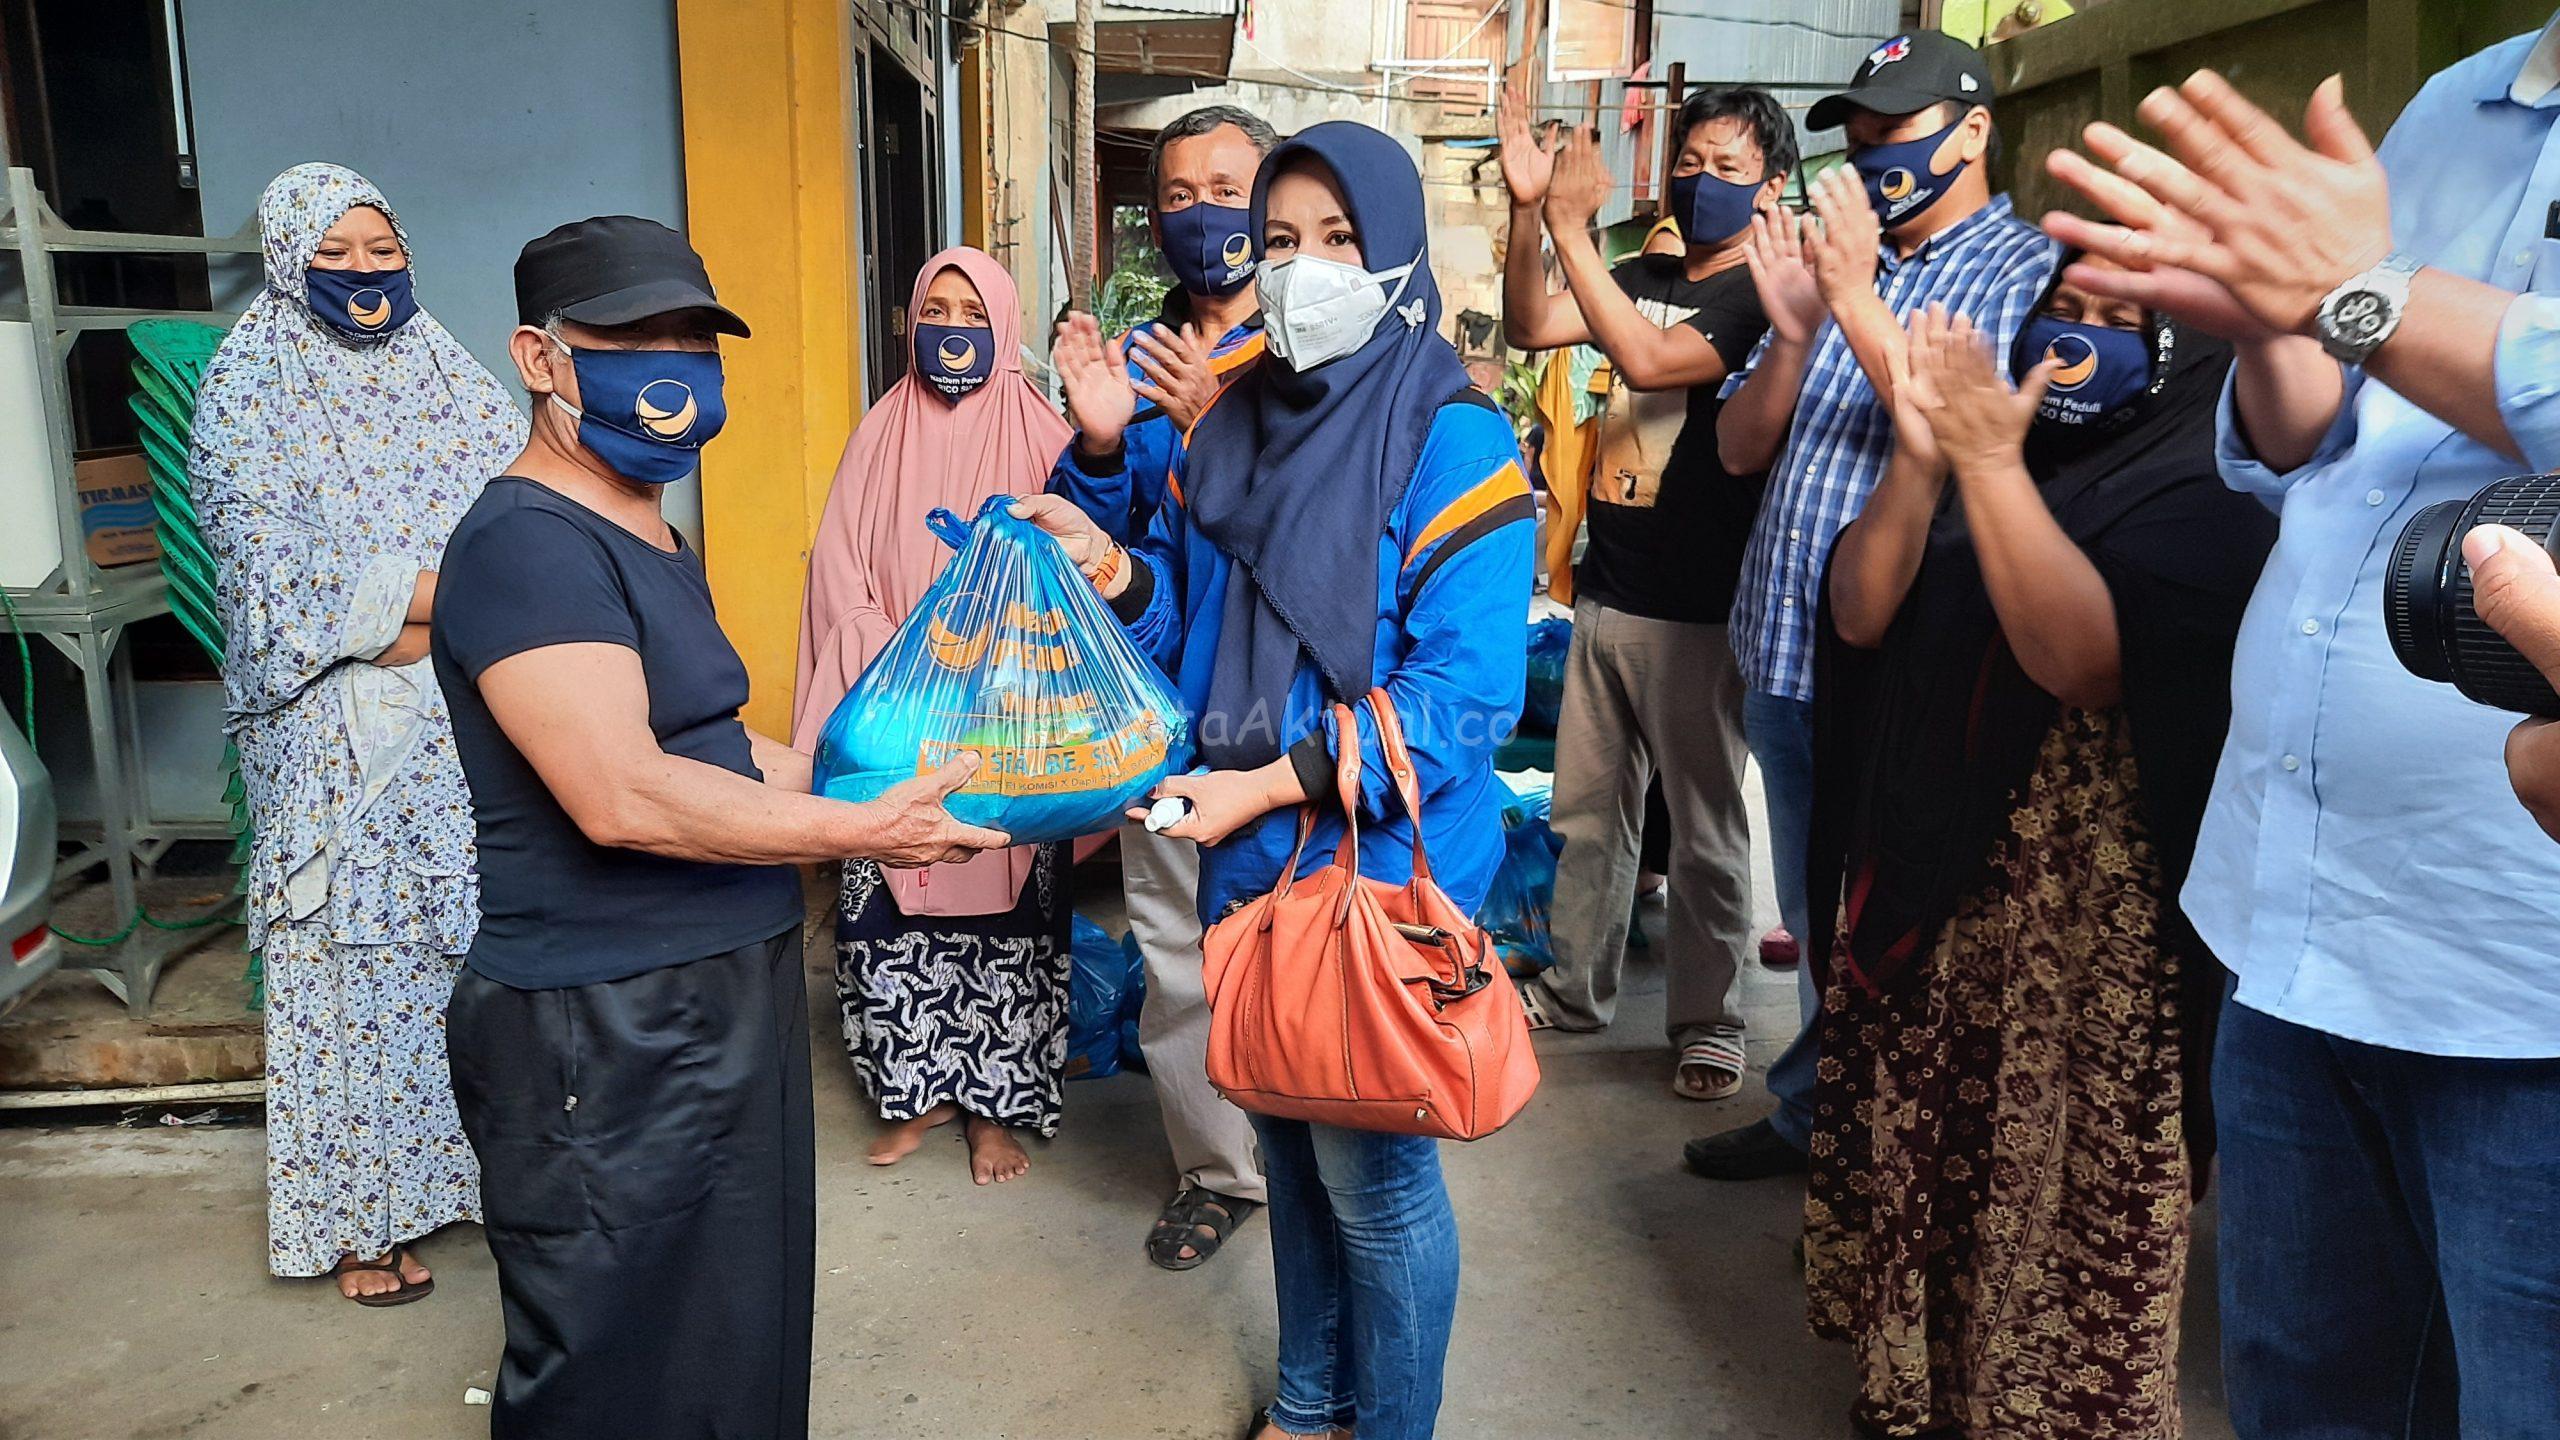 NasDem Peduli Dan Sahabat Rico Sia Salurkan 500 Paket Bama Untuk Warga Pasar Baru Kota Sorong 17 20200515 170546 scaled